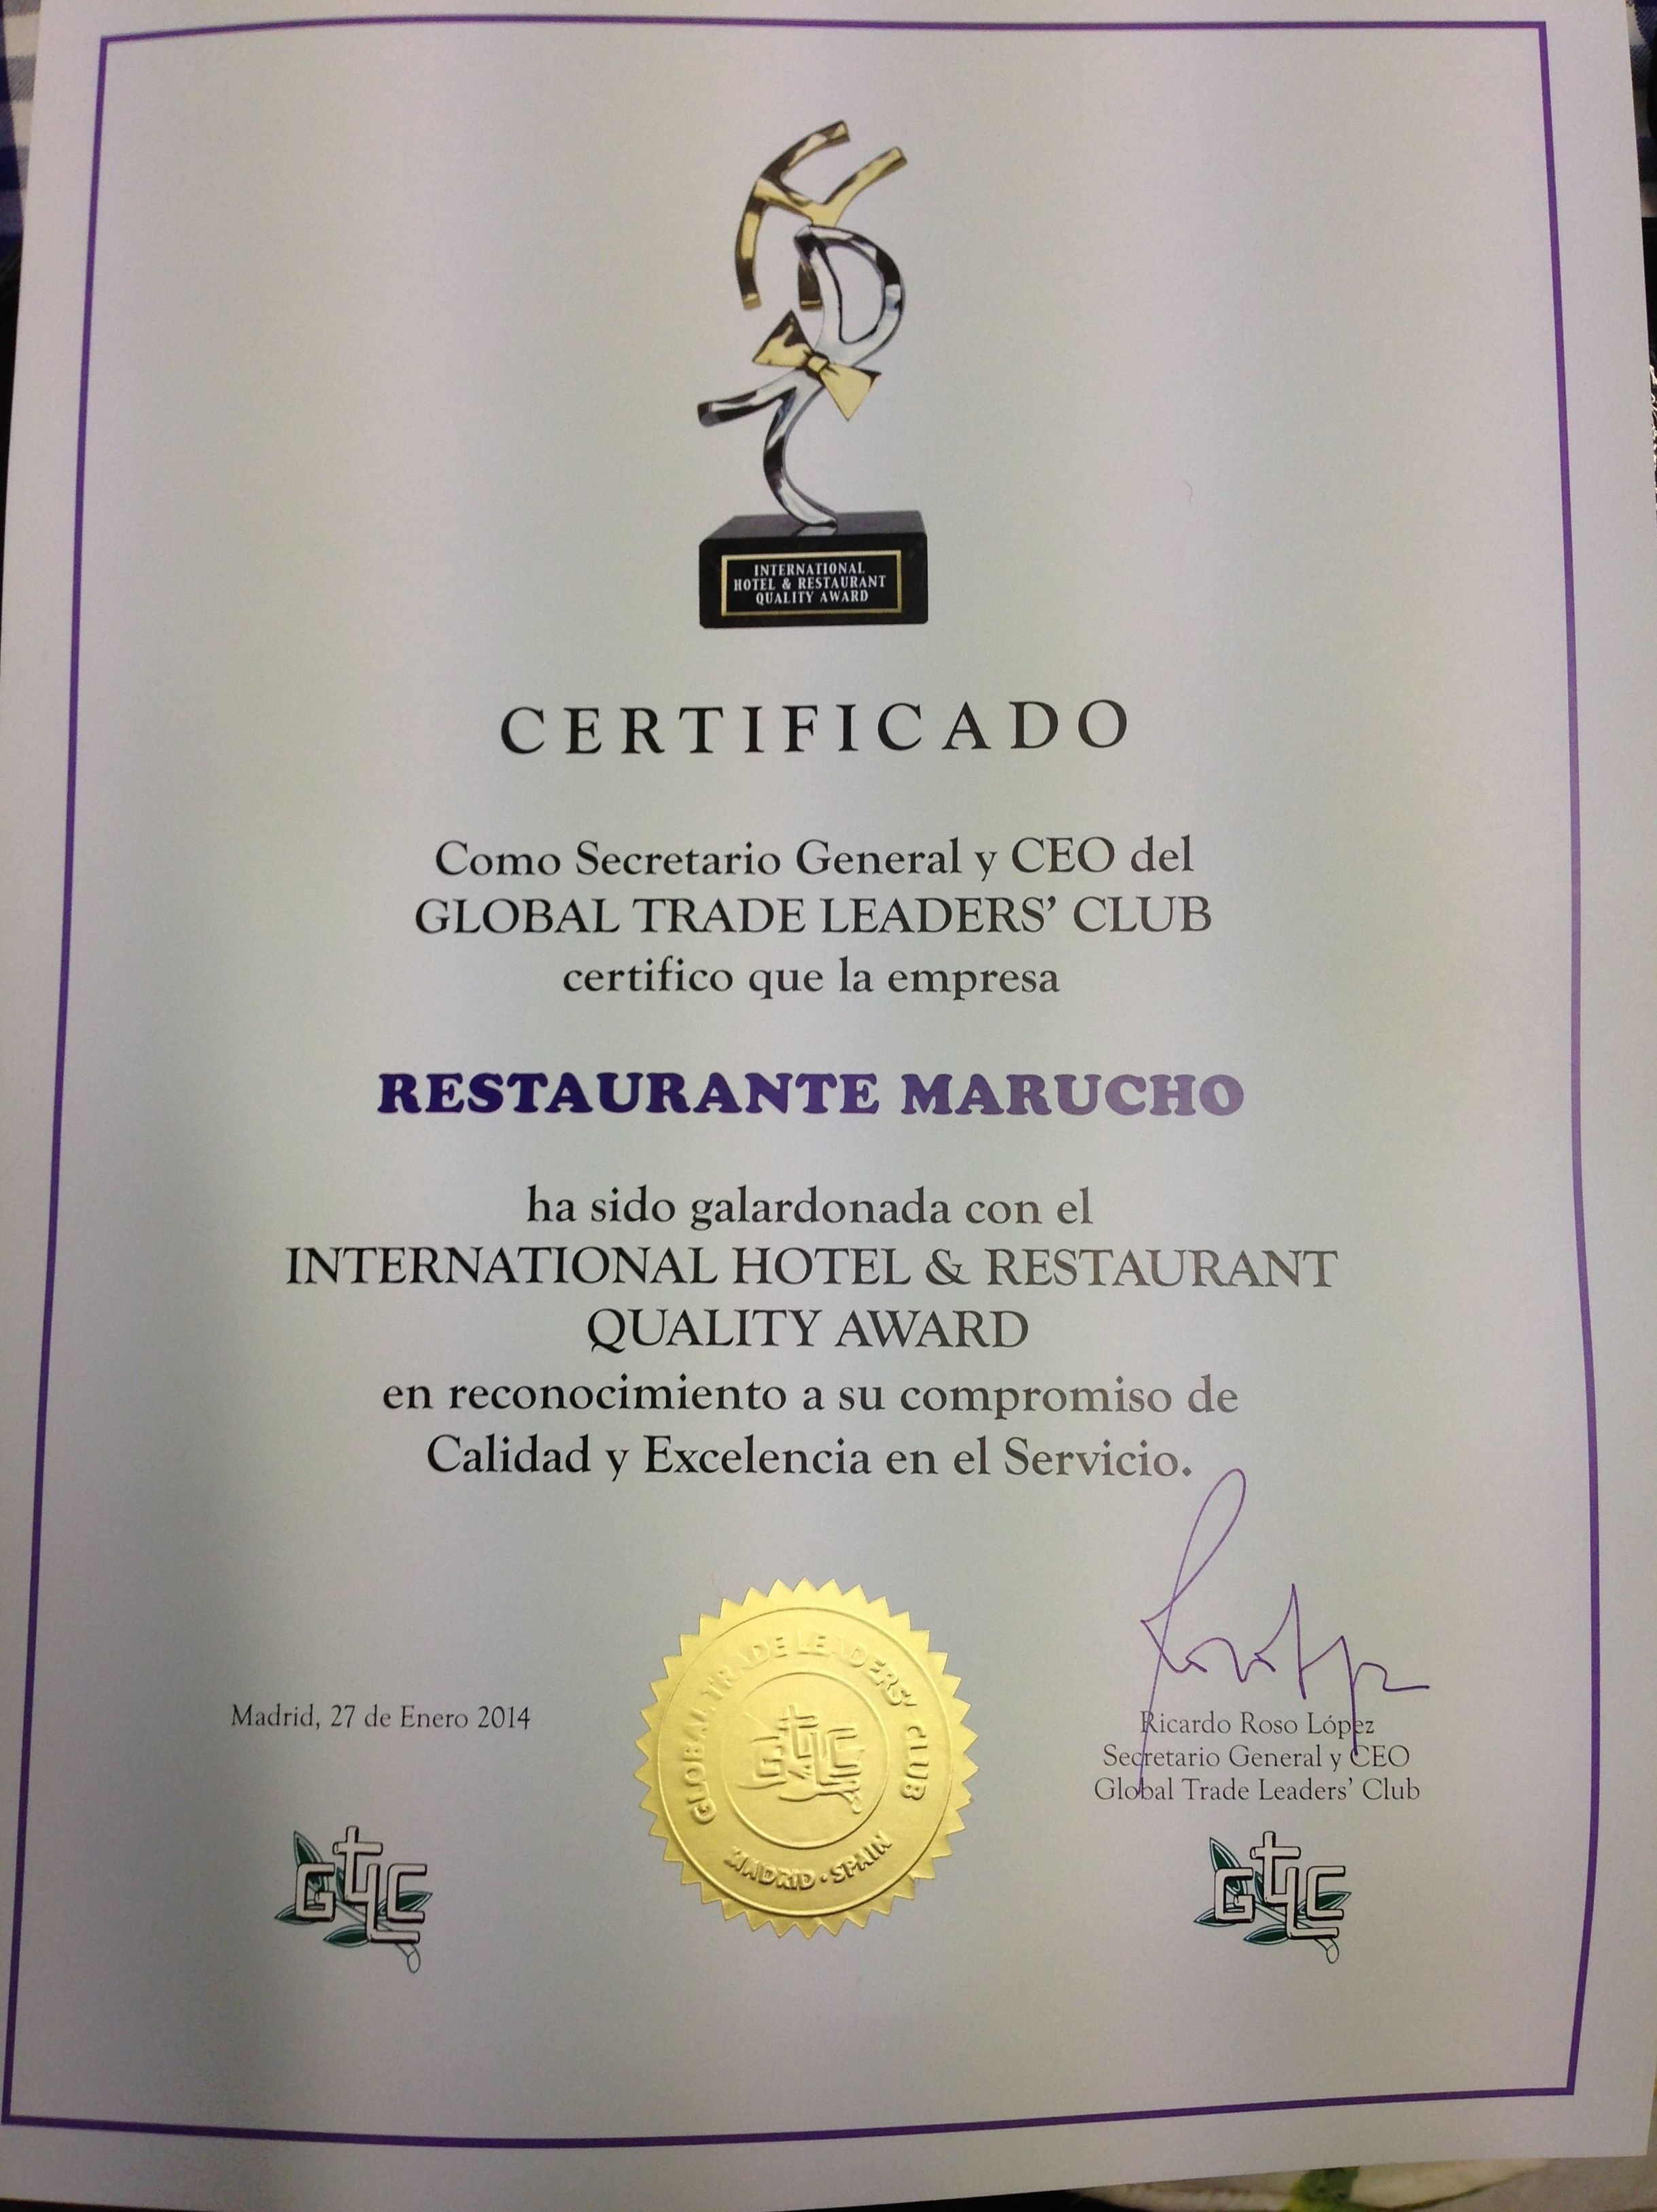 Foto 5 de Cocina marinera en Santander | Marucho